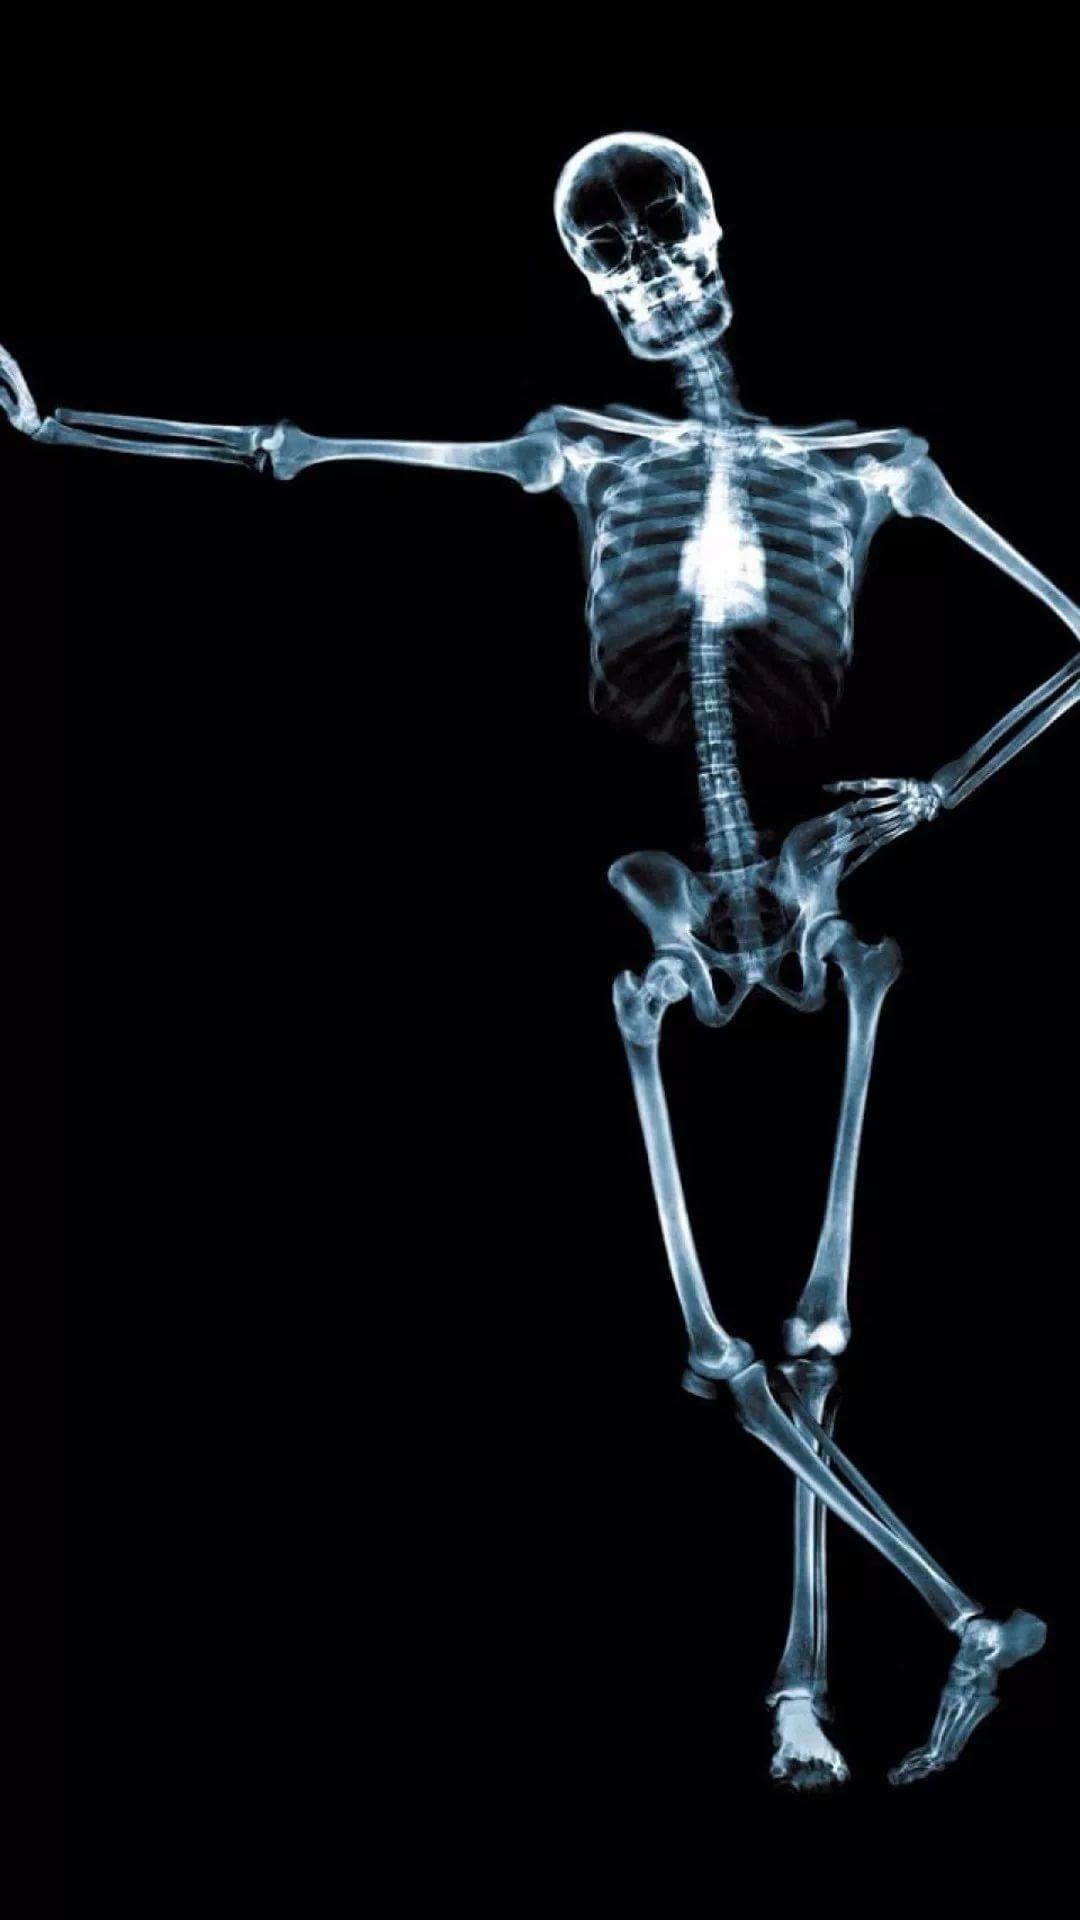 Картинка смешной скелет